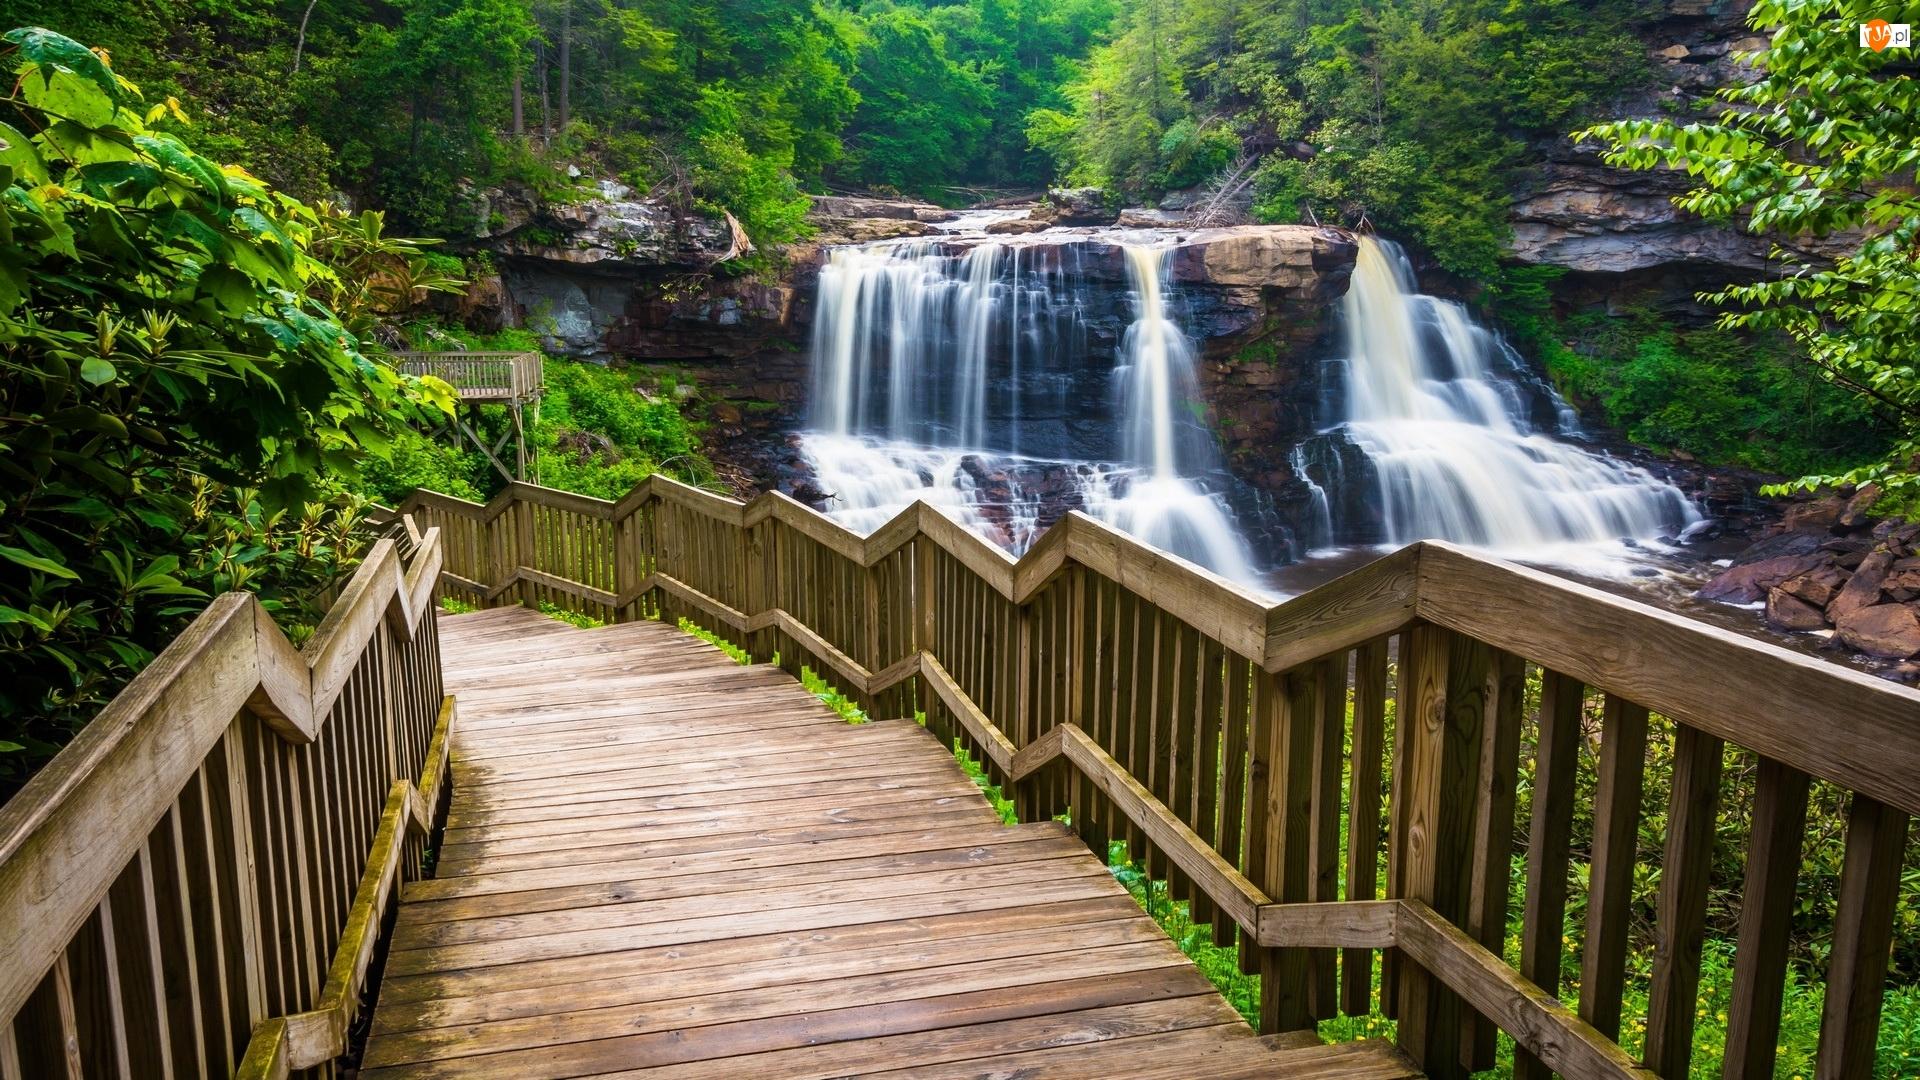 Wirginia Zachodnia, Park stanowy Blackwater Falls, Schody, Stany Zjednoczone, Drzewa, Las, Wodospad Blackwater Falls